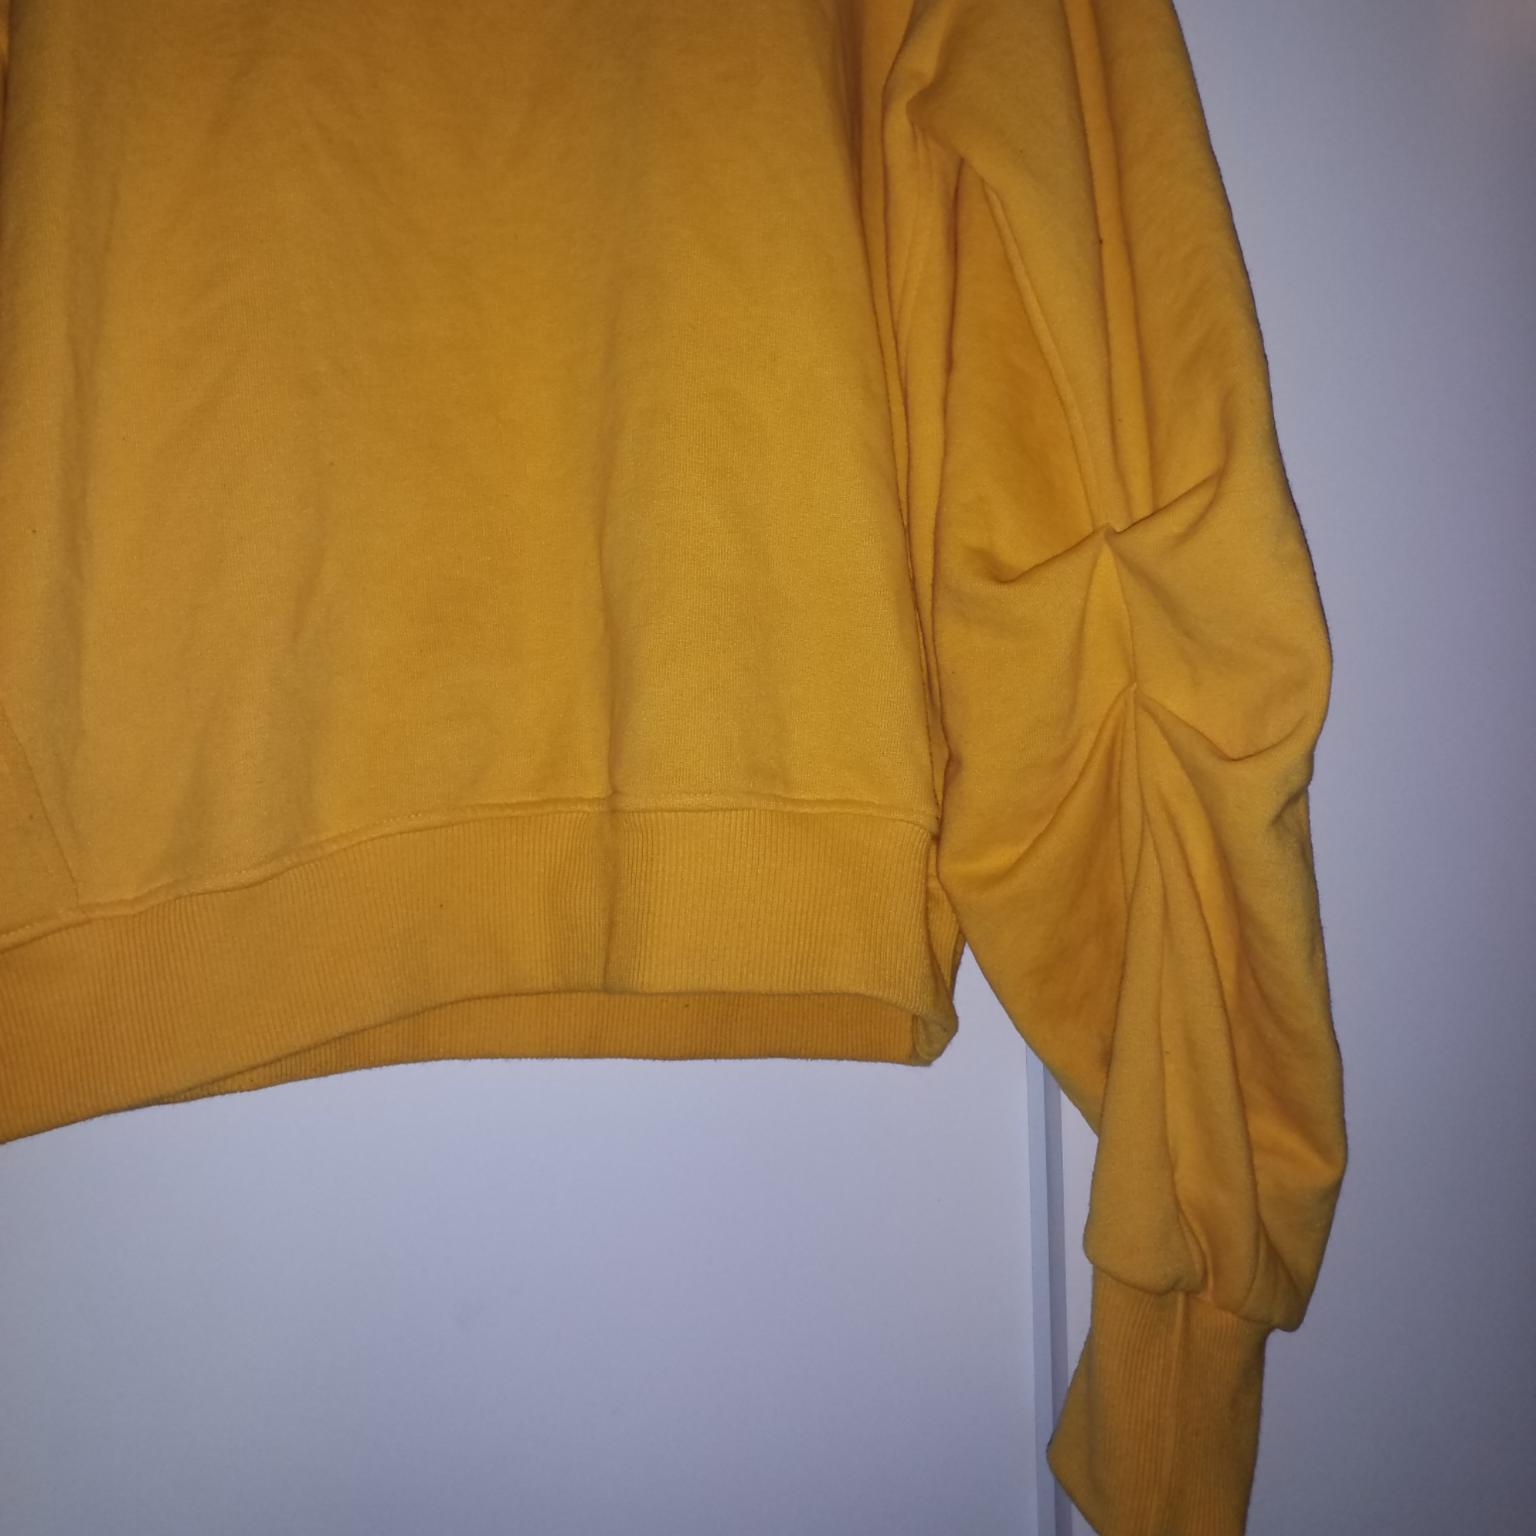 Jättemysig tröja med mjuk insida och draperade ärmar, storlek S men passar även större. Tröjor & Koftor.